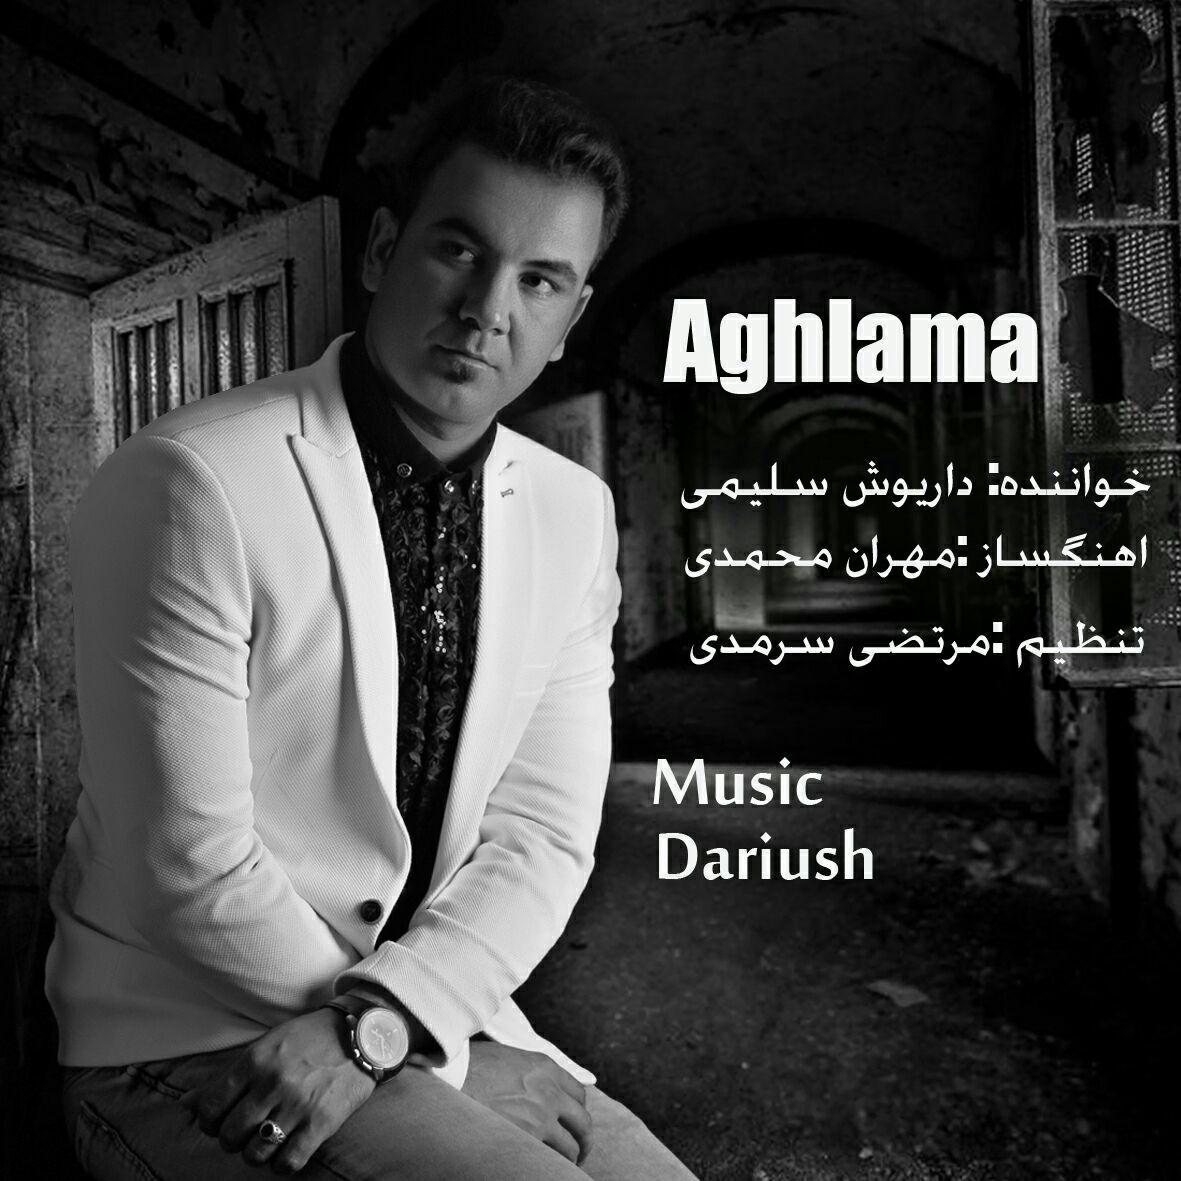 دانلود آهنگ جدید داریوش سلیمی بنام آغلاما 1